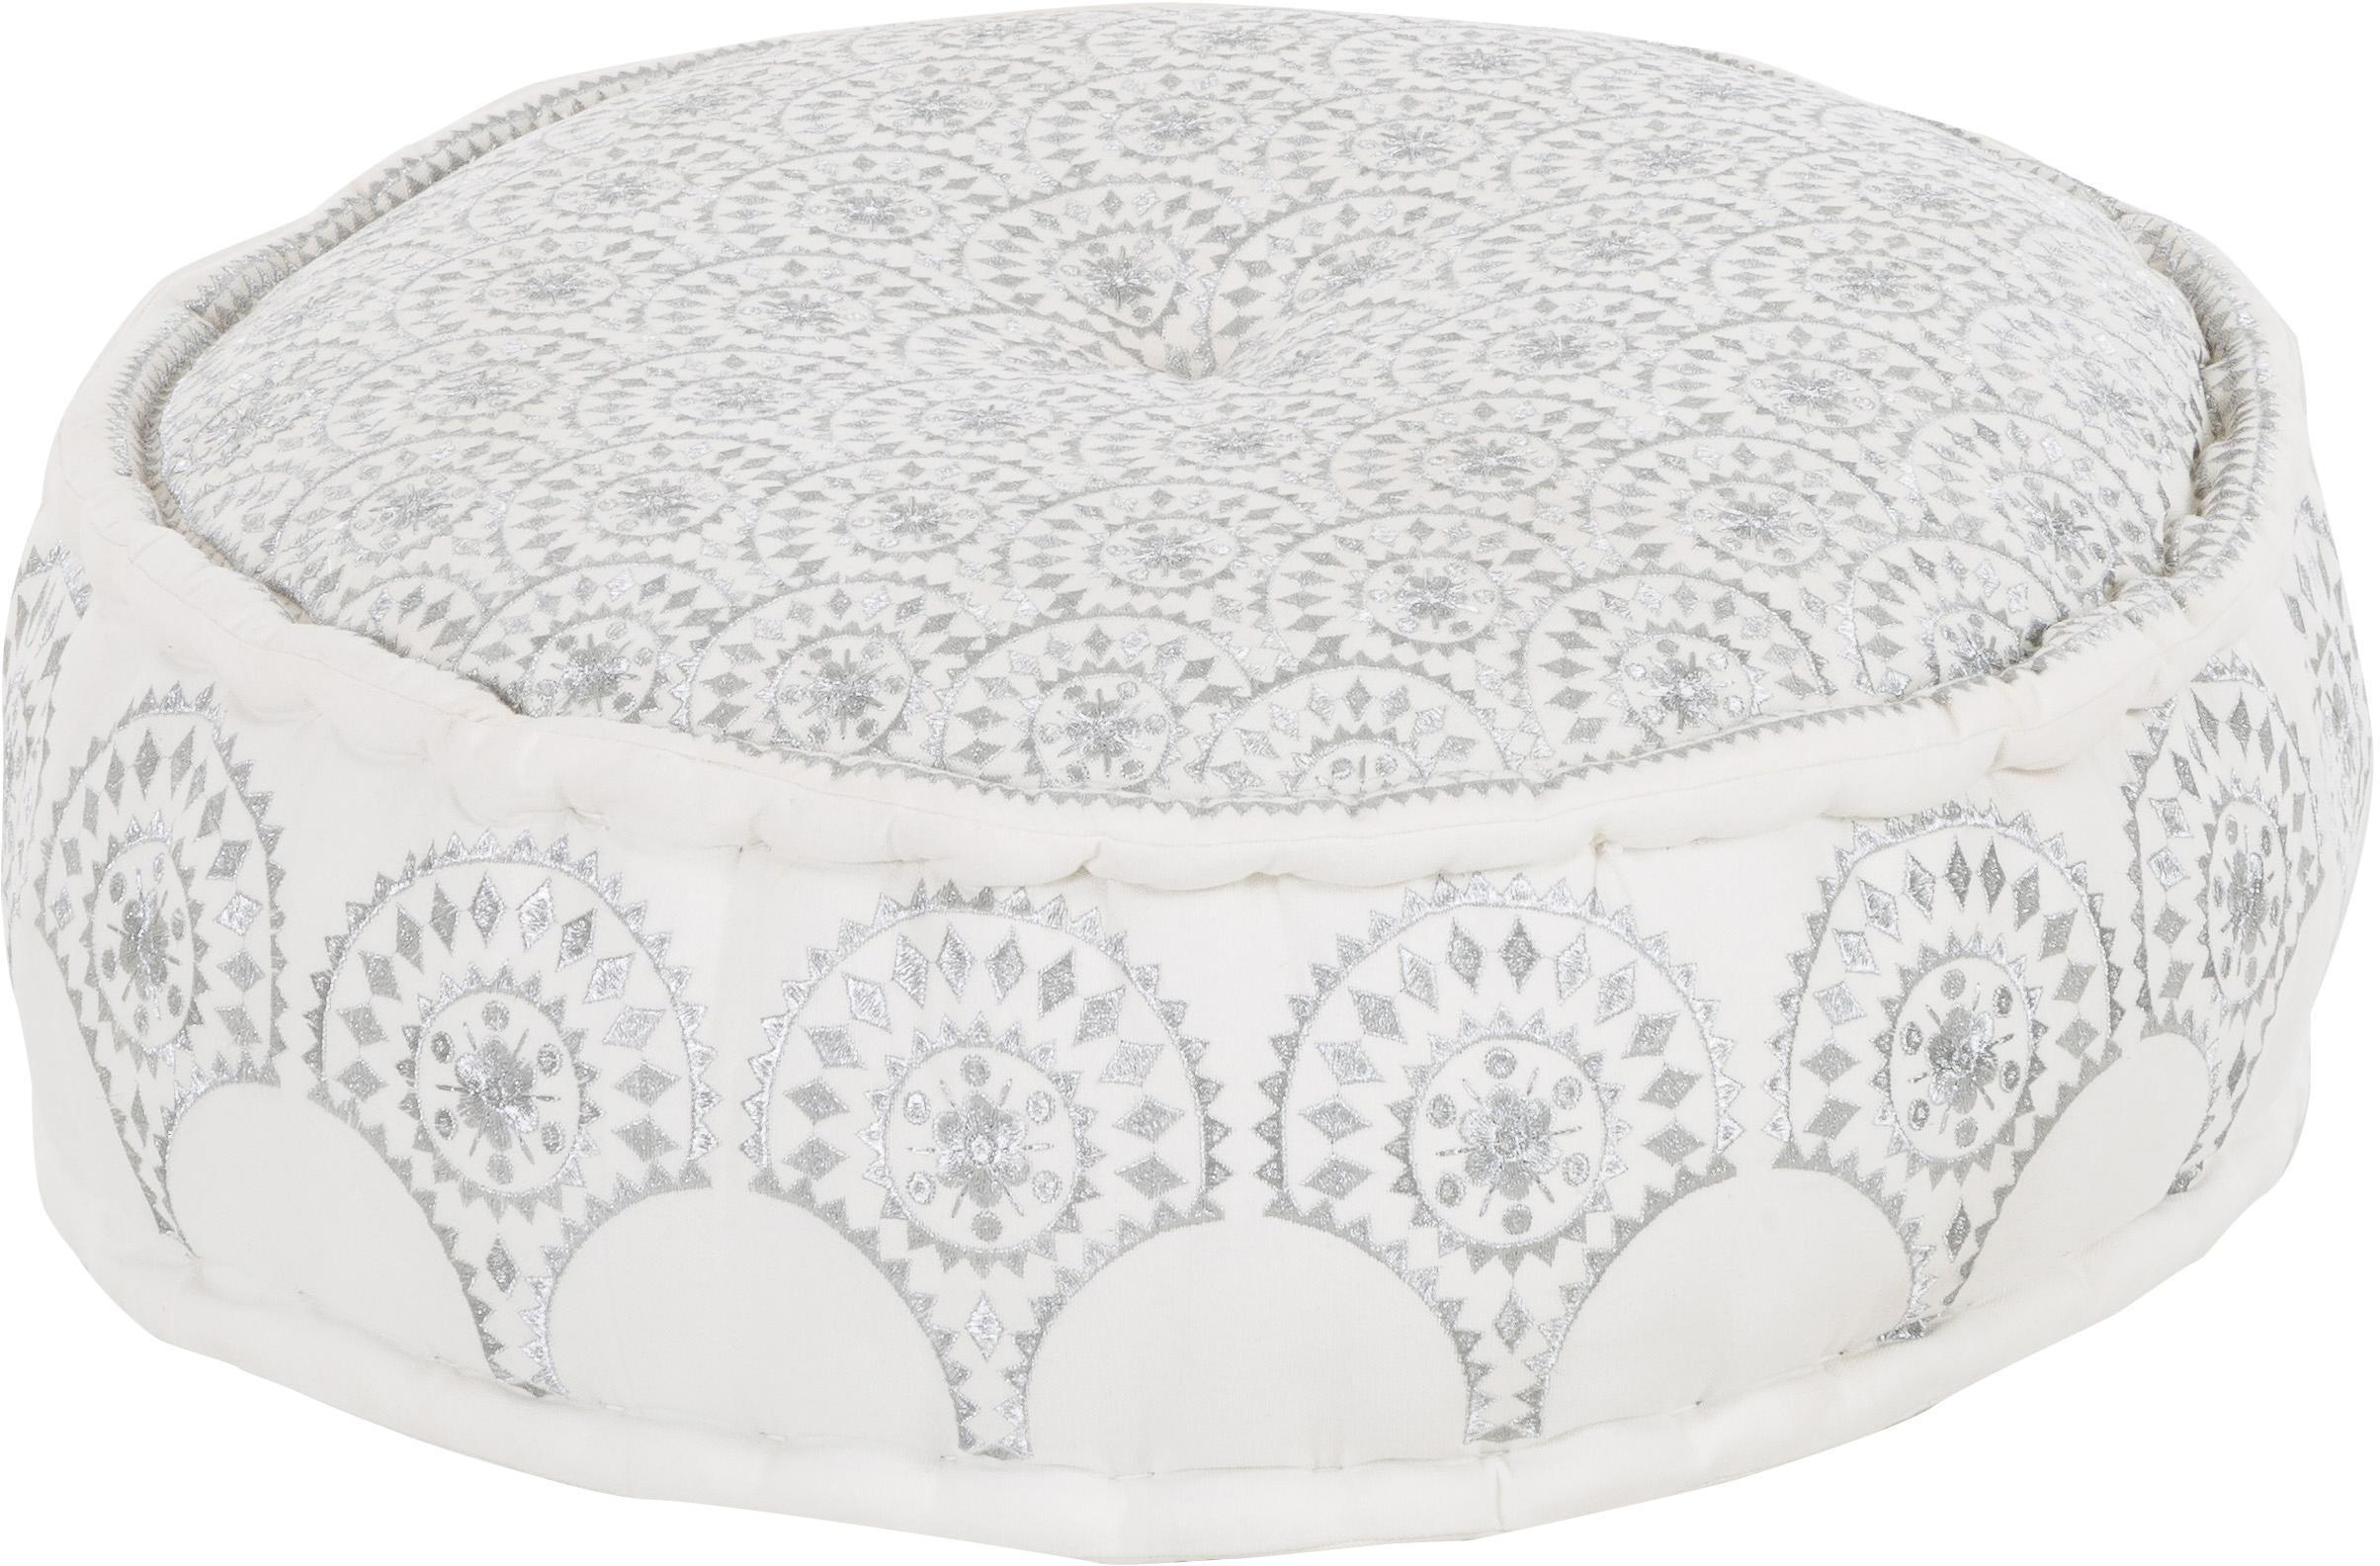 Rundes Bodenkissen Casablanca mit besticktem Muster, Bezug: 100% festes Baumwollcanva, Weiss, Silberfarben, Ø 60 x H 25 cm